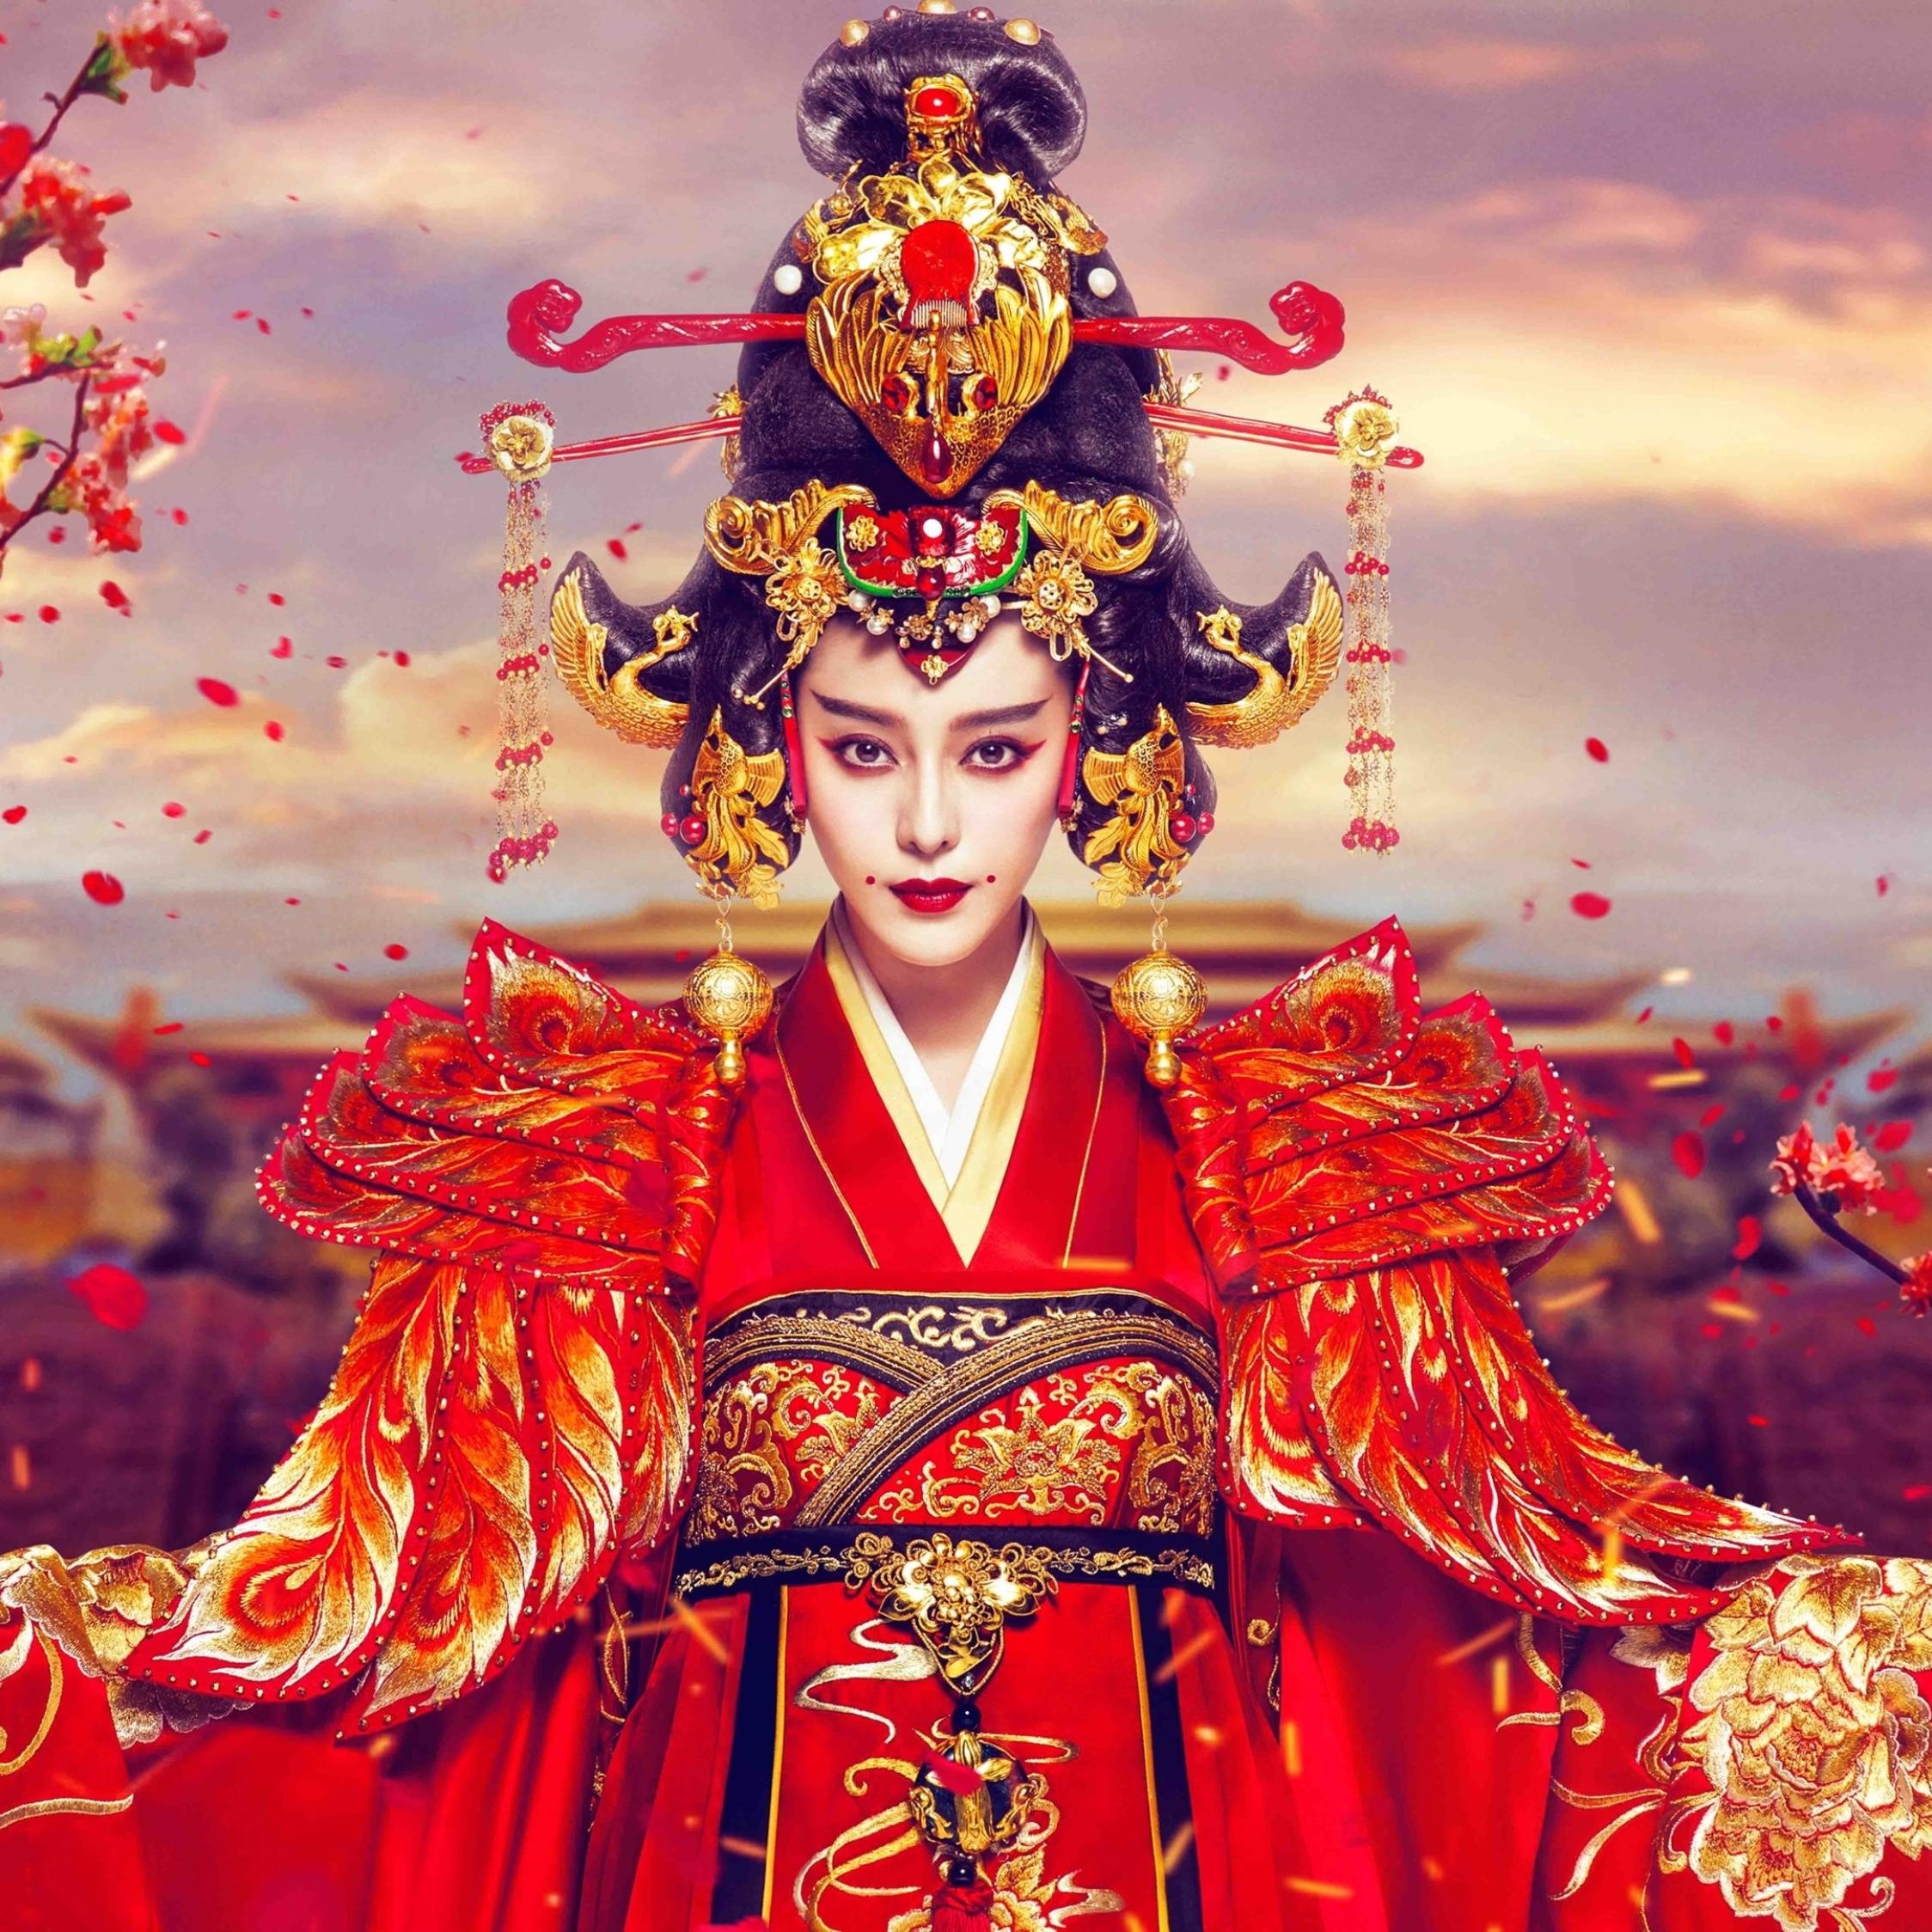 The Empress Of China Fan Bingbing, HD 4K Wallpaper